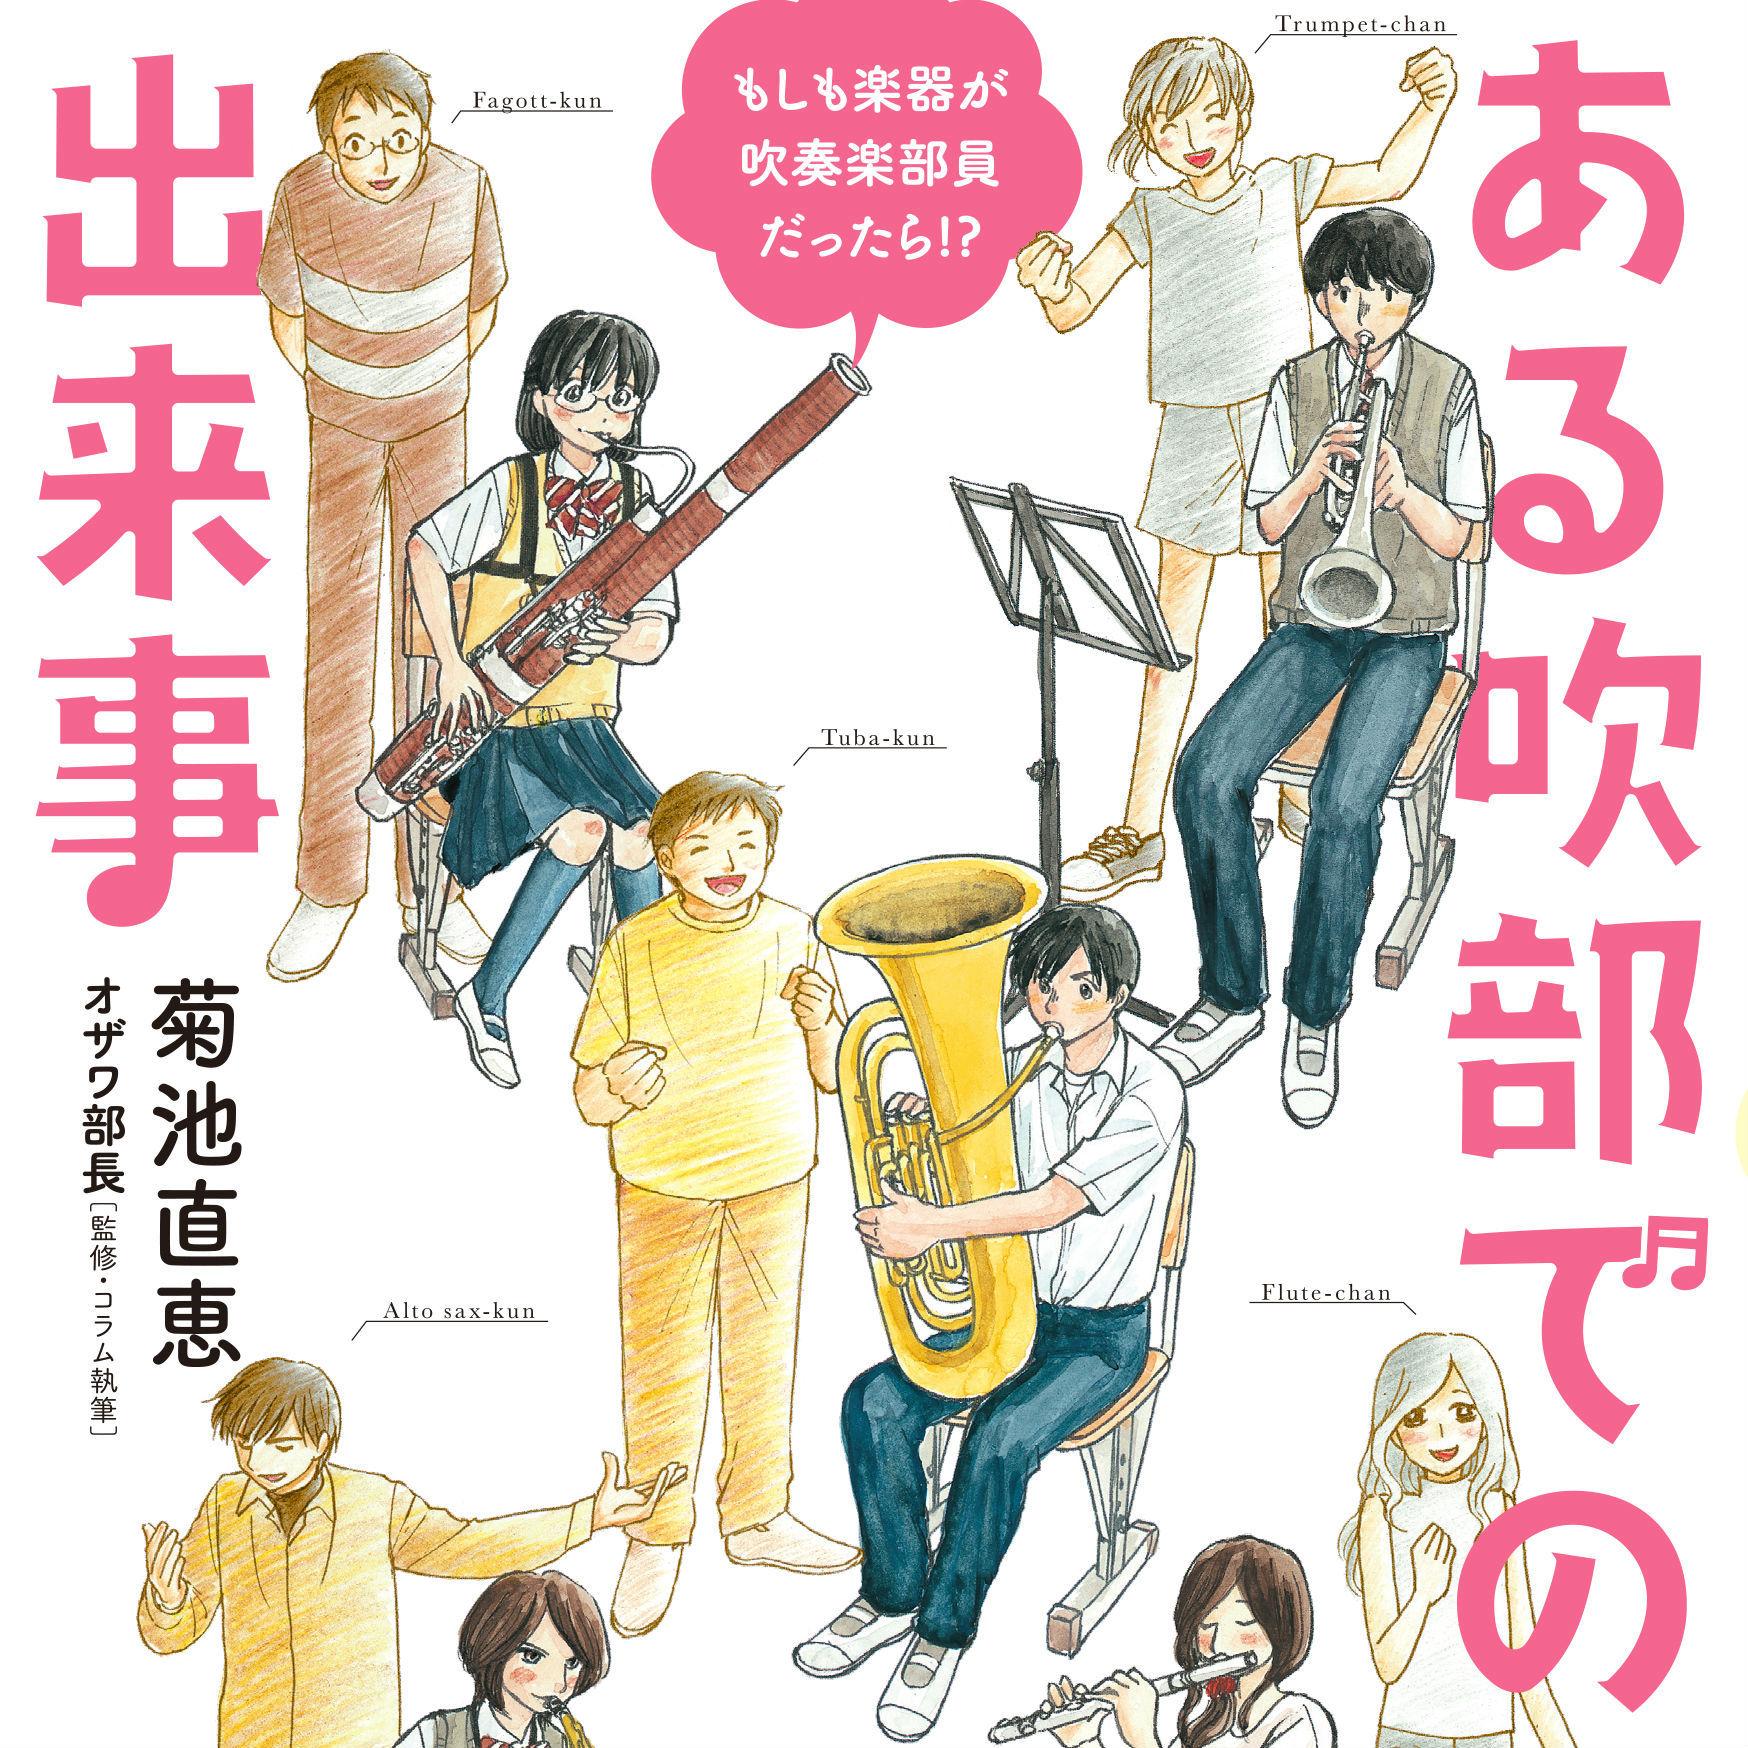 あるある吹奏楽、吹部ノートでおなじみの名コンビ。 菊池直恵とオザワ部長がお届けする楽器擬人化コミック!